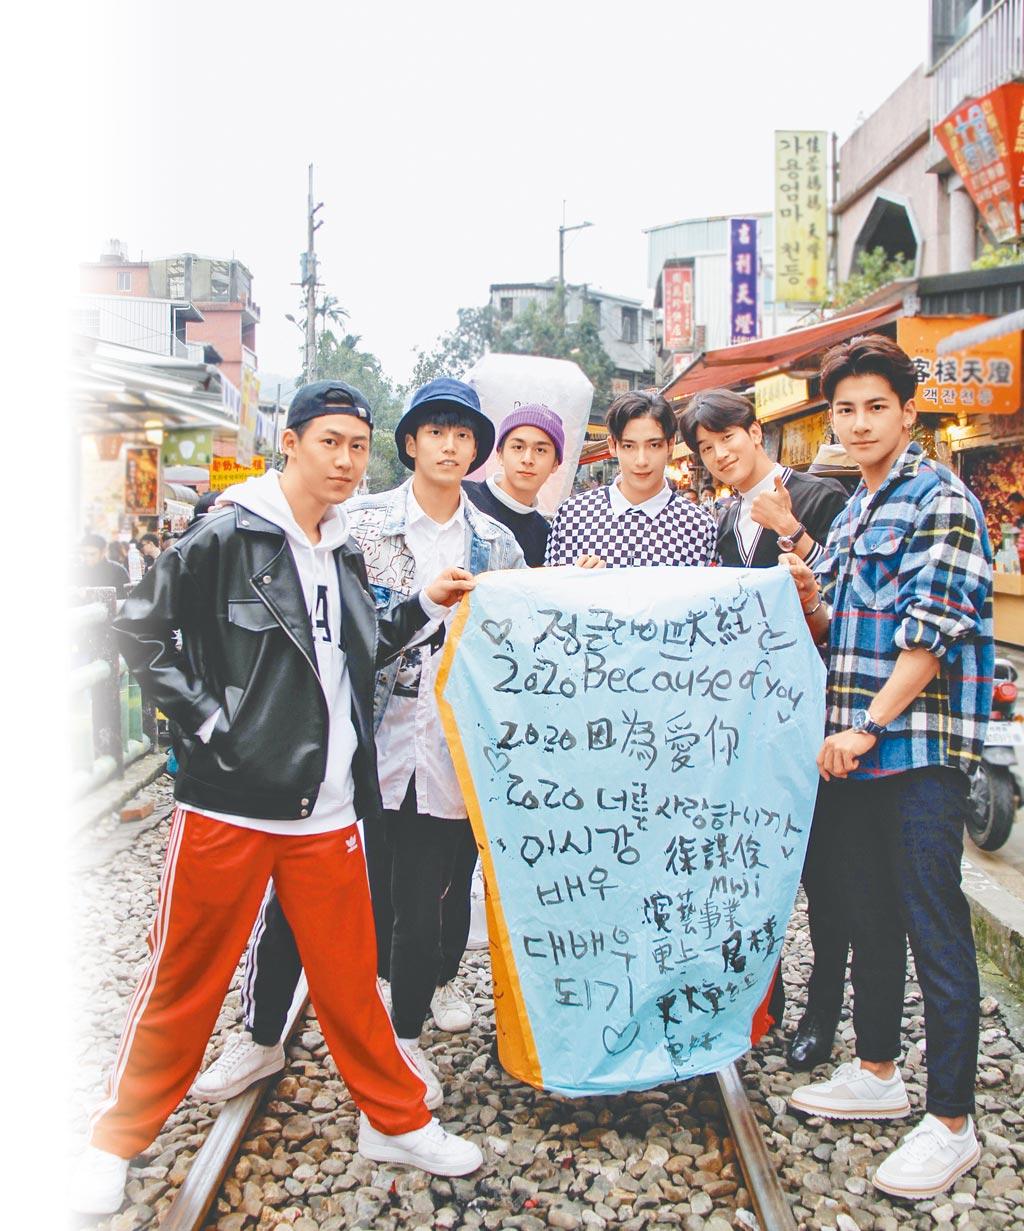 郭宇宸(左起)、徐謀俊、蘇韋華、黃士杰、李時剛、張又瑋抽空到平溪放天燈體驗年節氣氛。(達騰娛樂提供)